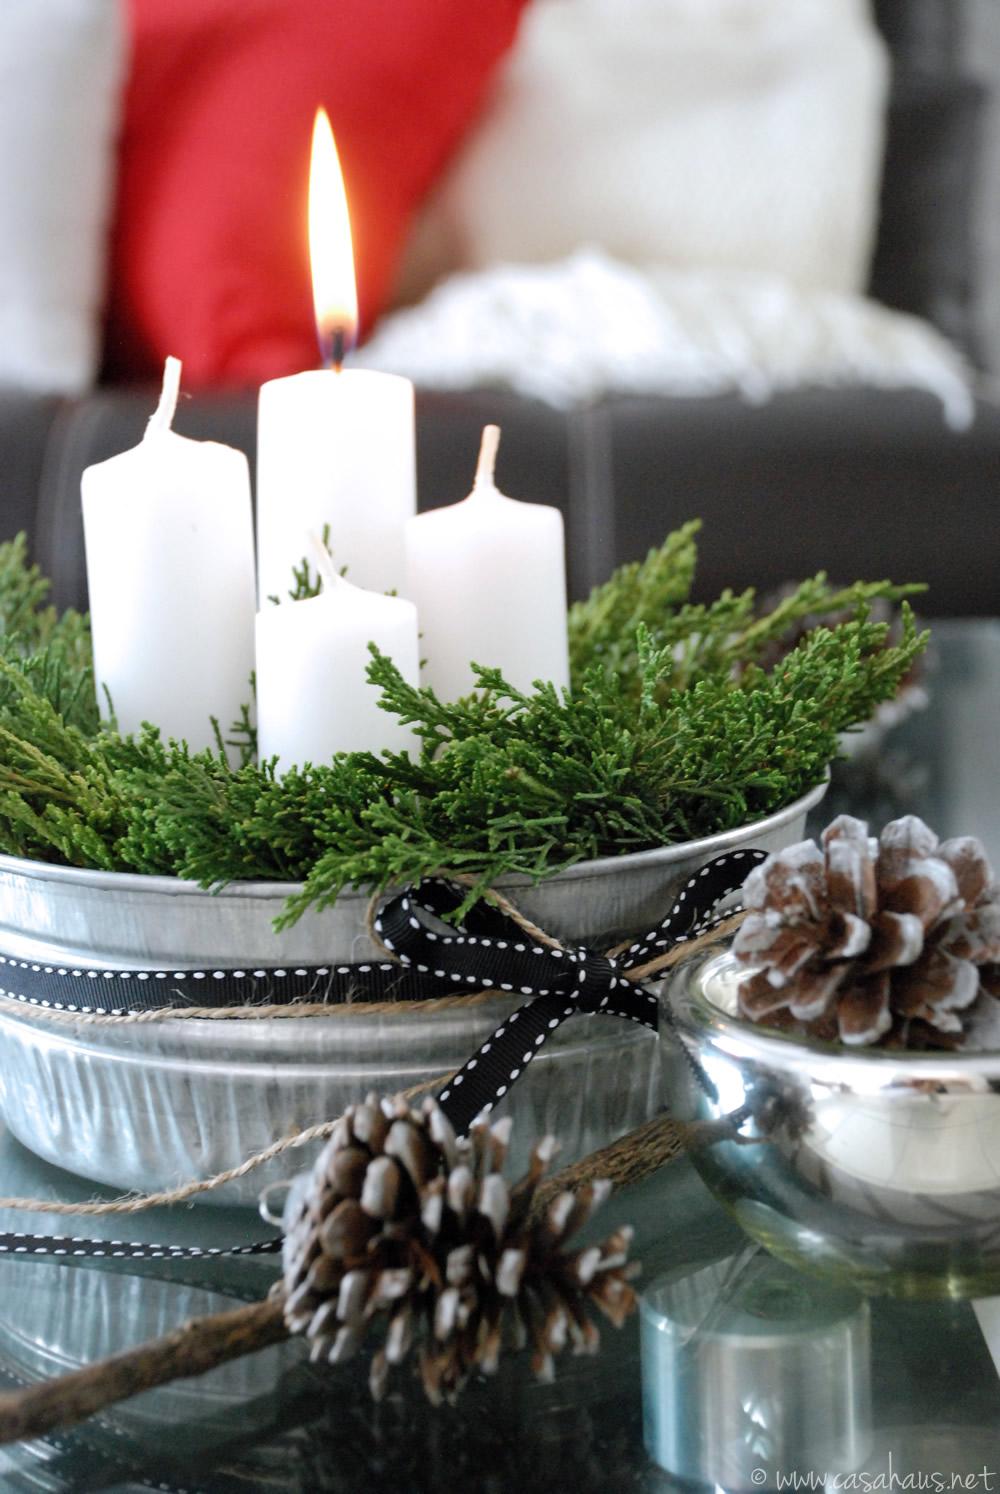 Corona de adviento hecha con velas y ramas de cedro